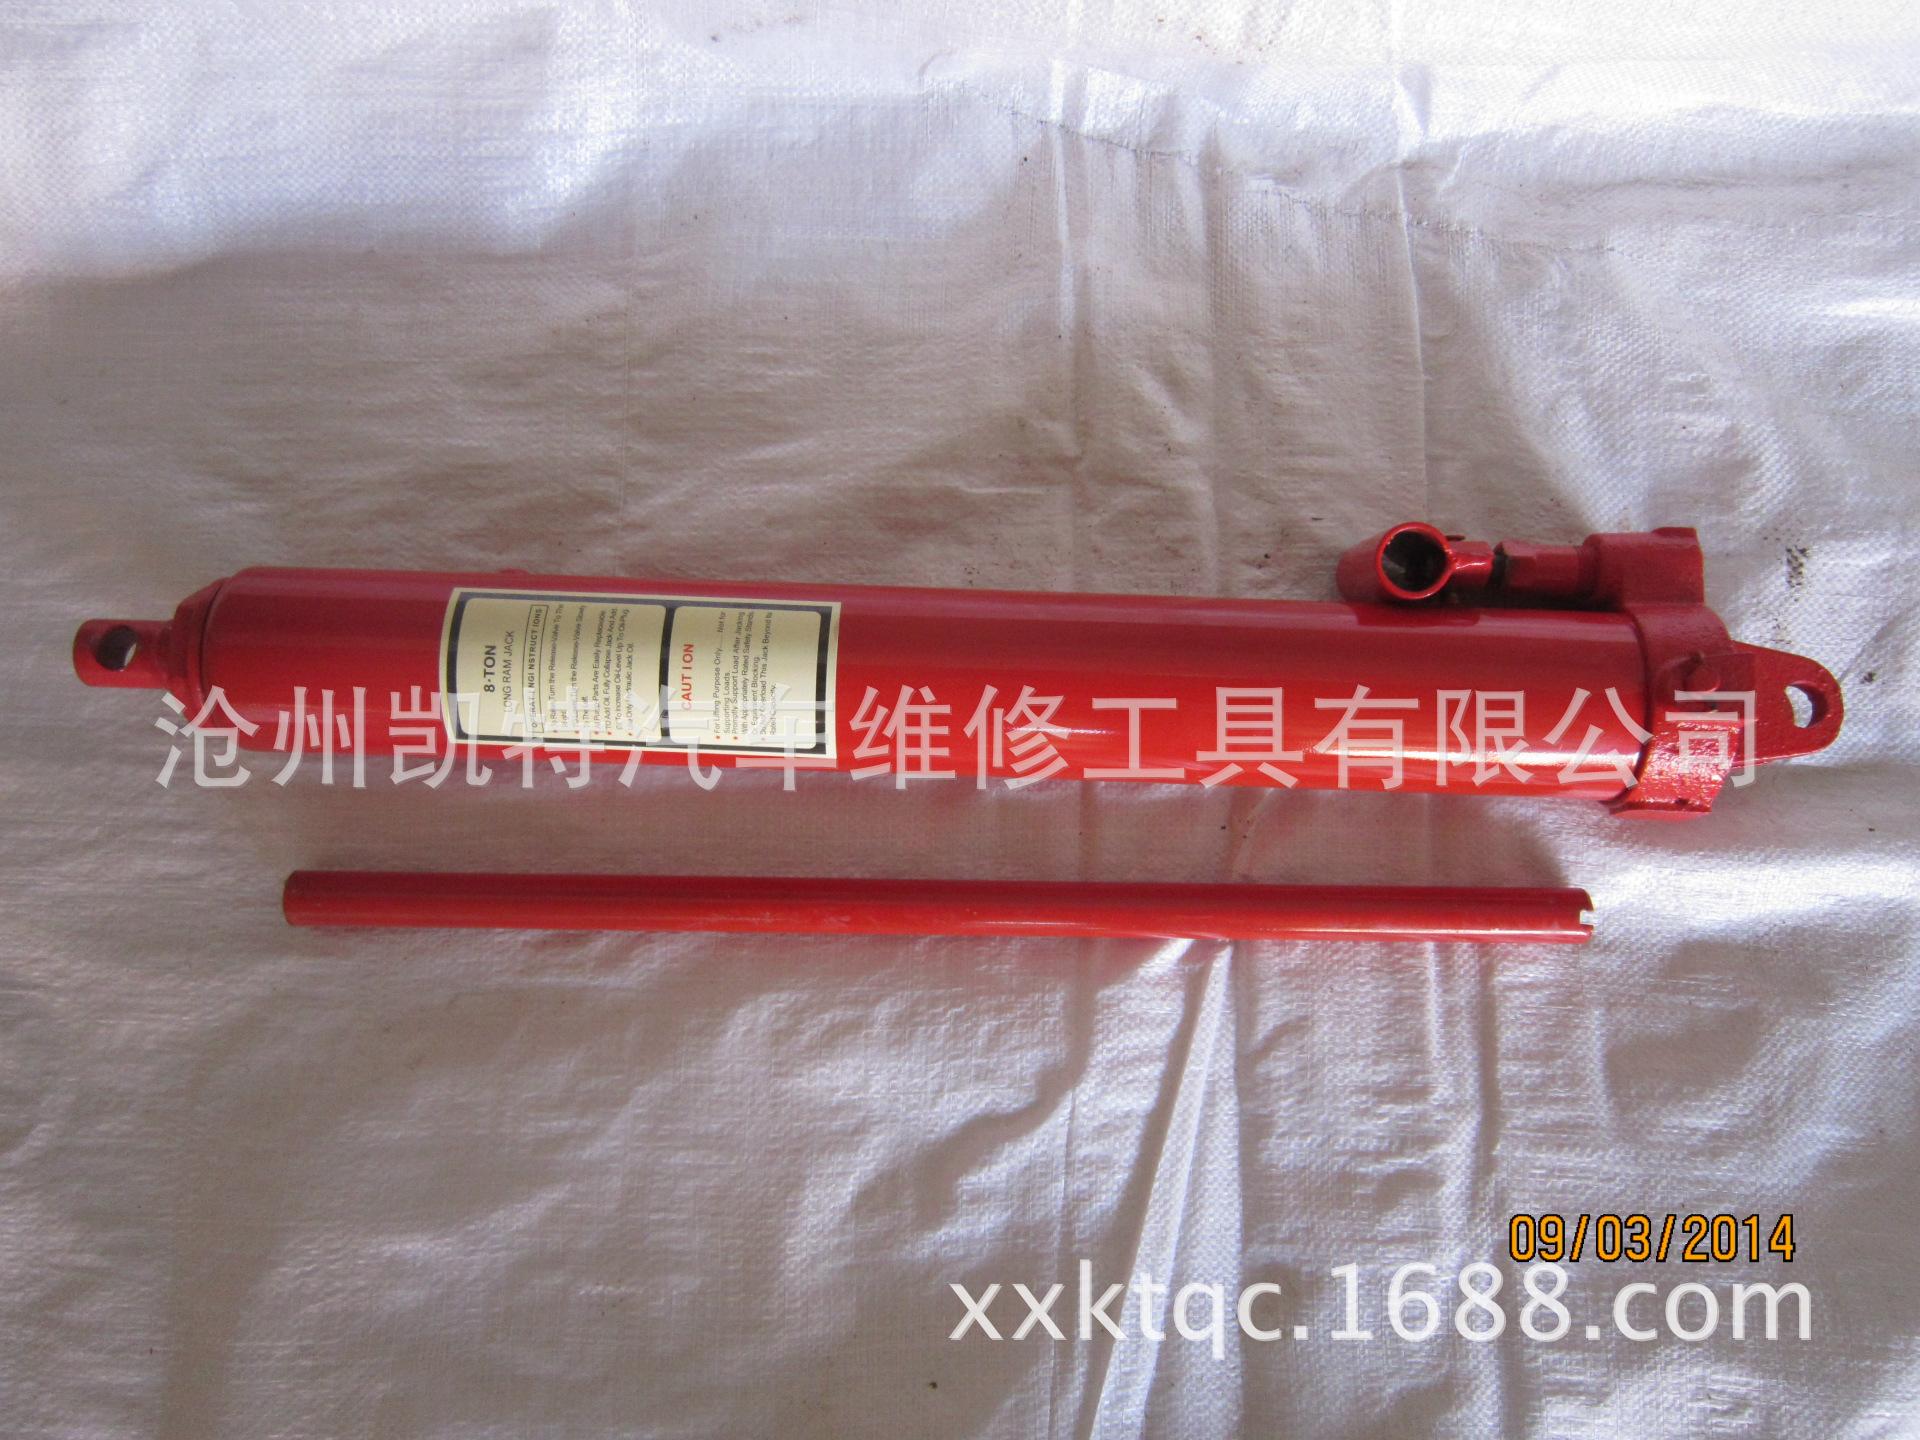 8T长形油泵 汽保工具 千斤顶 油泵 2吨地位吊机专用油缸图片_3